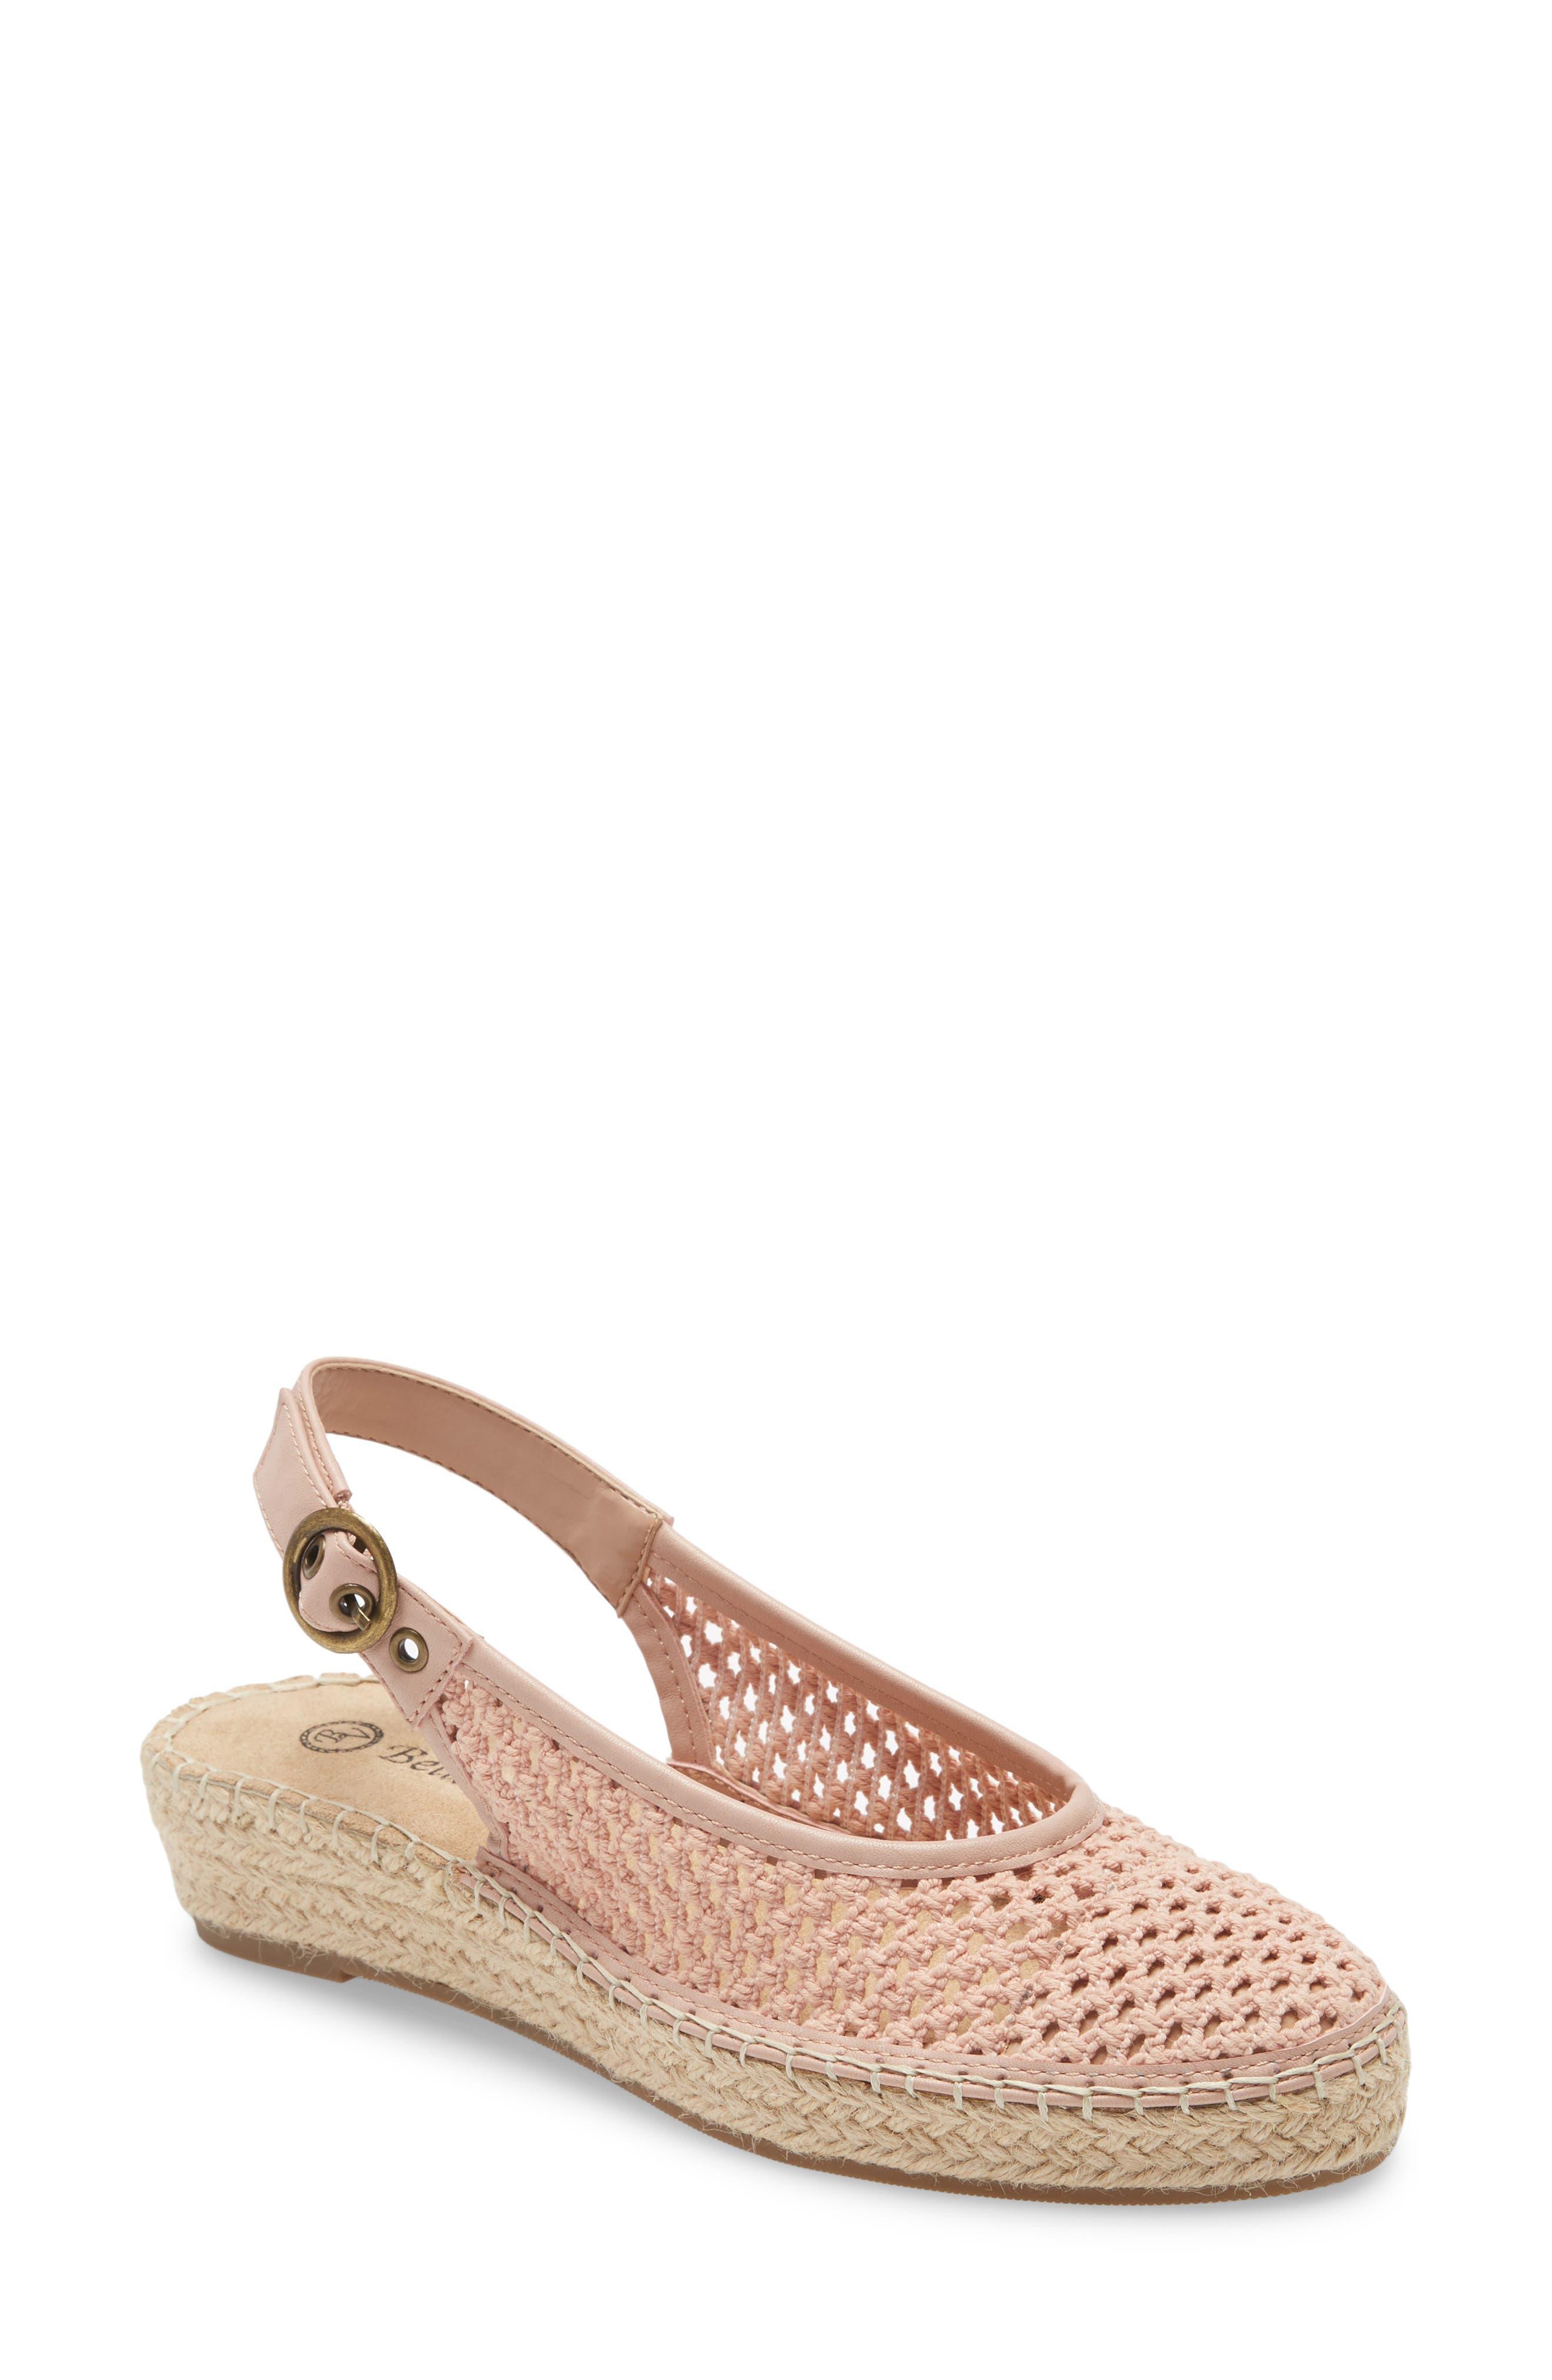 Olive Ii Slingback Platform Sandal